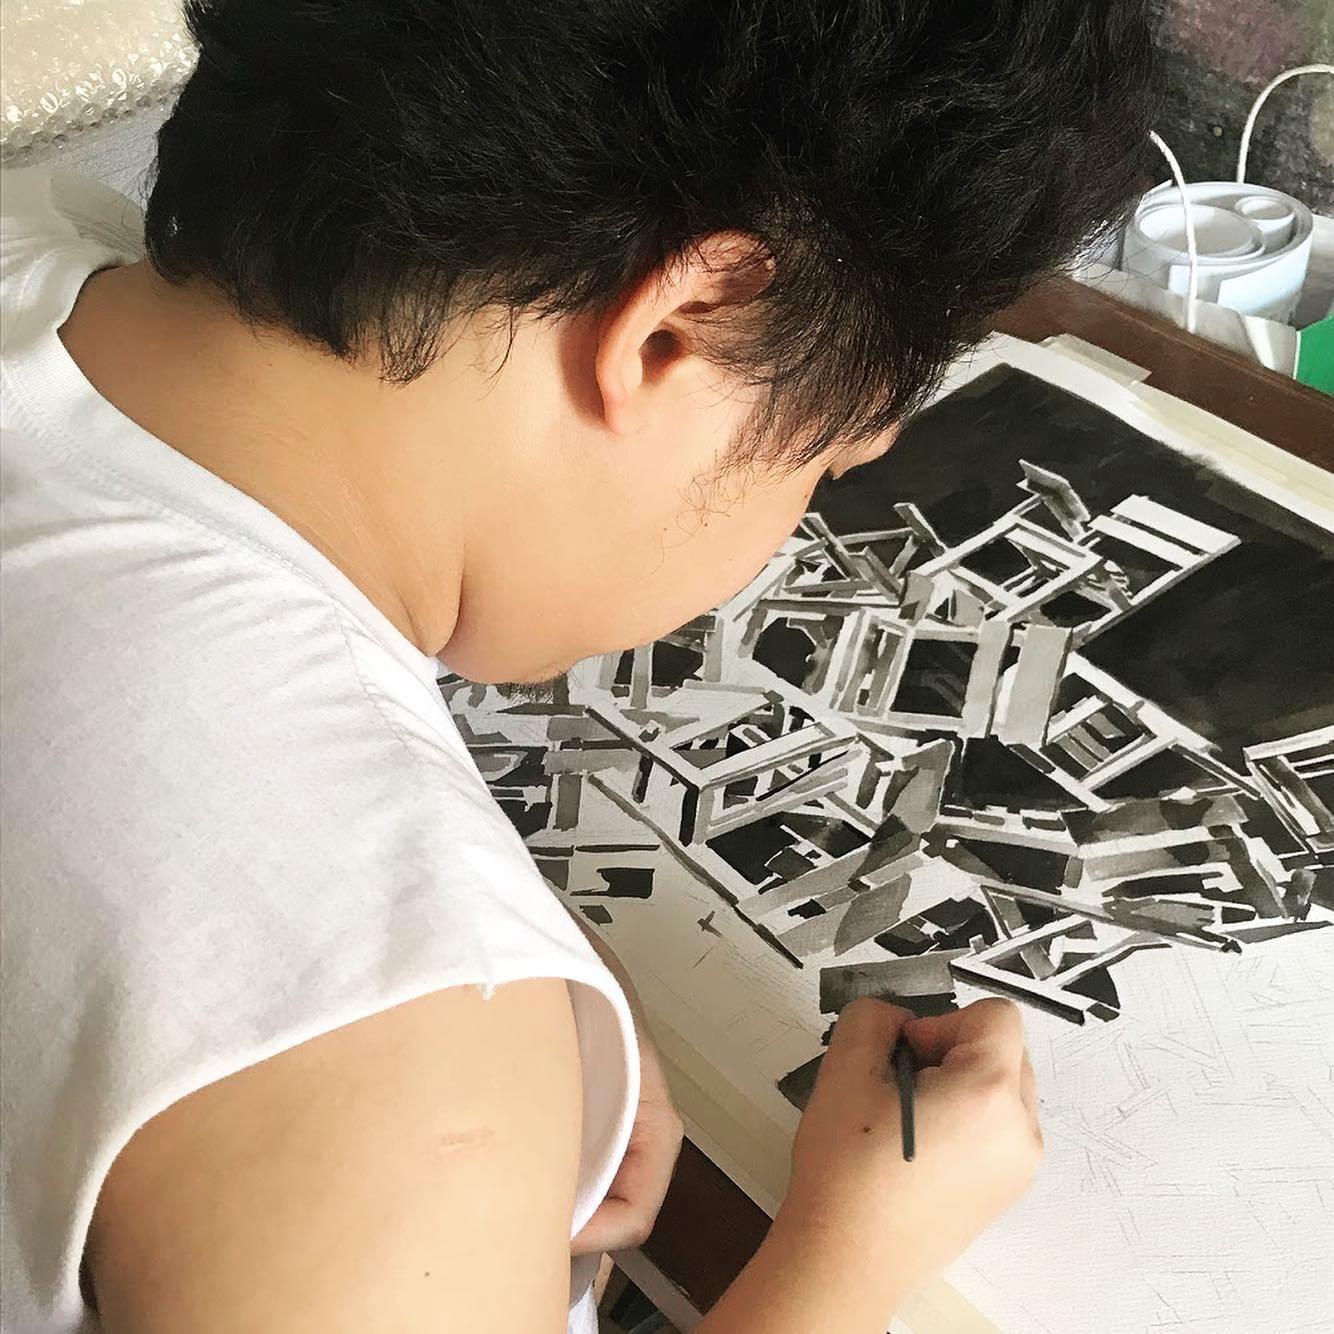 SHELL'S 3RD VIRTUAL ART INTERACT: Bayani Galera